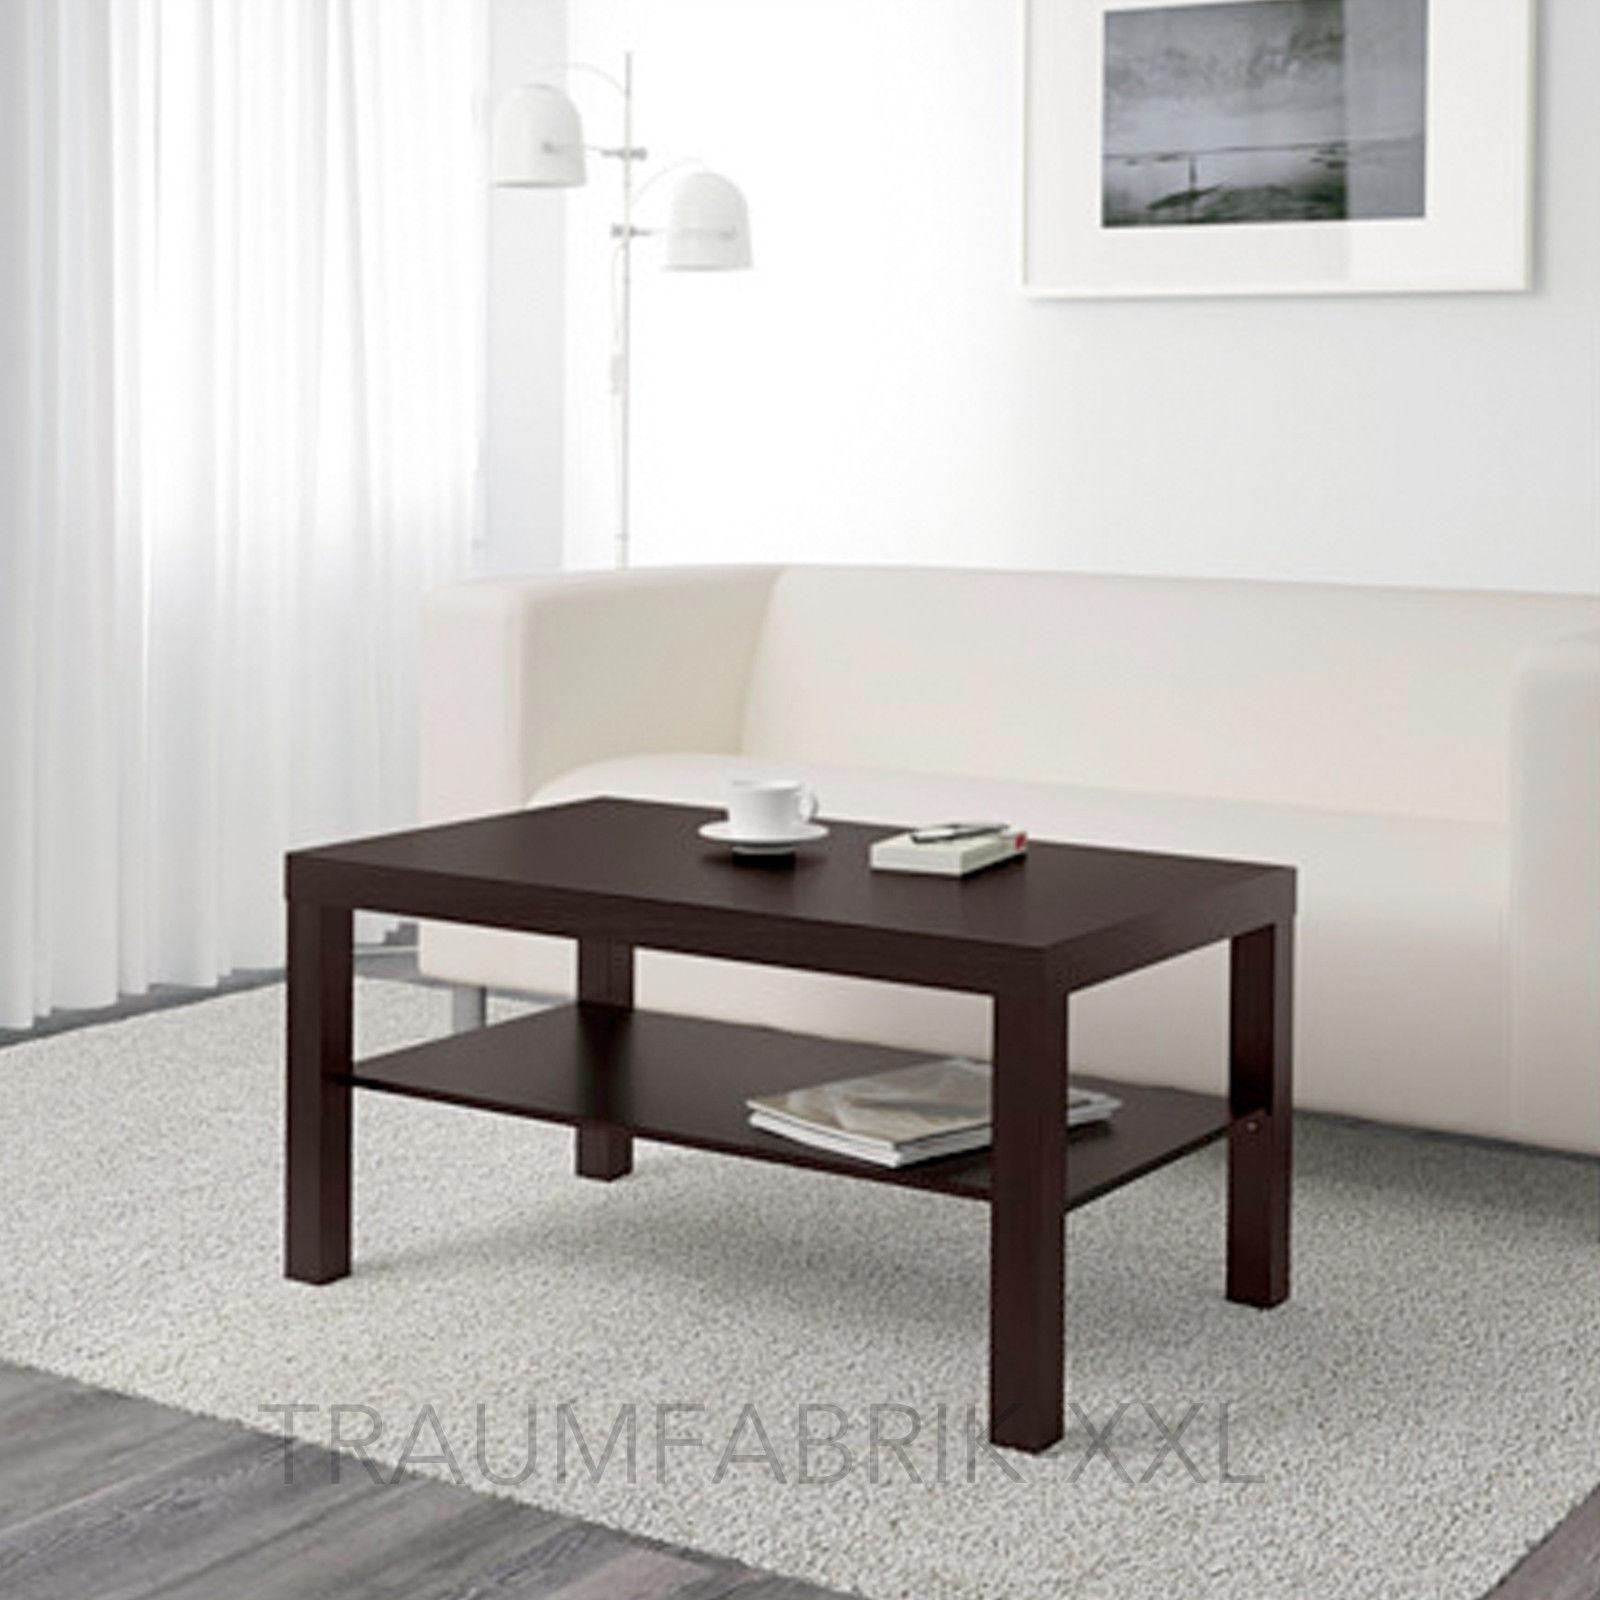 Ikea Lack Beistelltisch 90×55 schwarzbraun Sofatisch Couchtisch ...